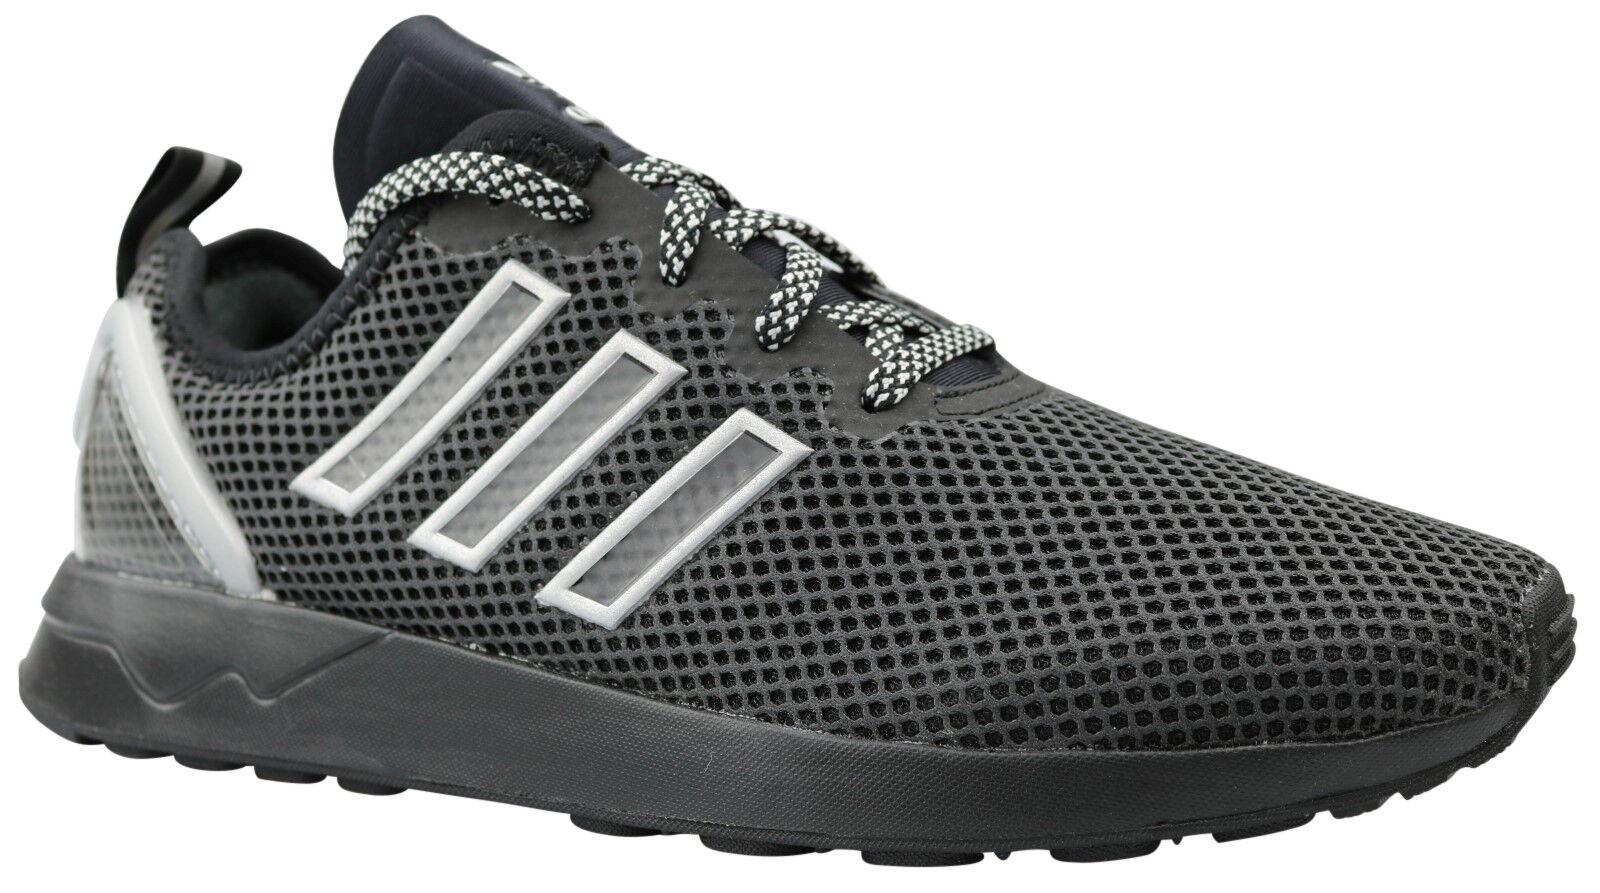 Adidas Racer Originals ZX Flux ADV Racer Adidas 47 cortos zapatos s79004 & 47 9f79ad